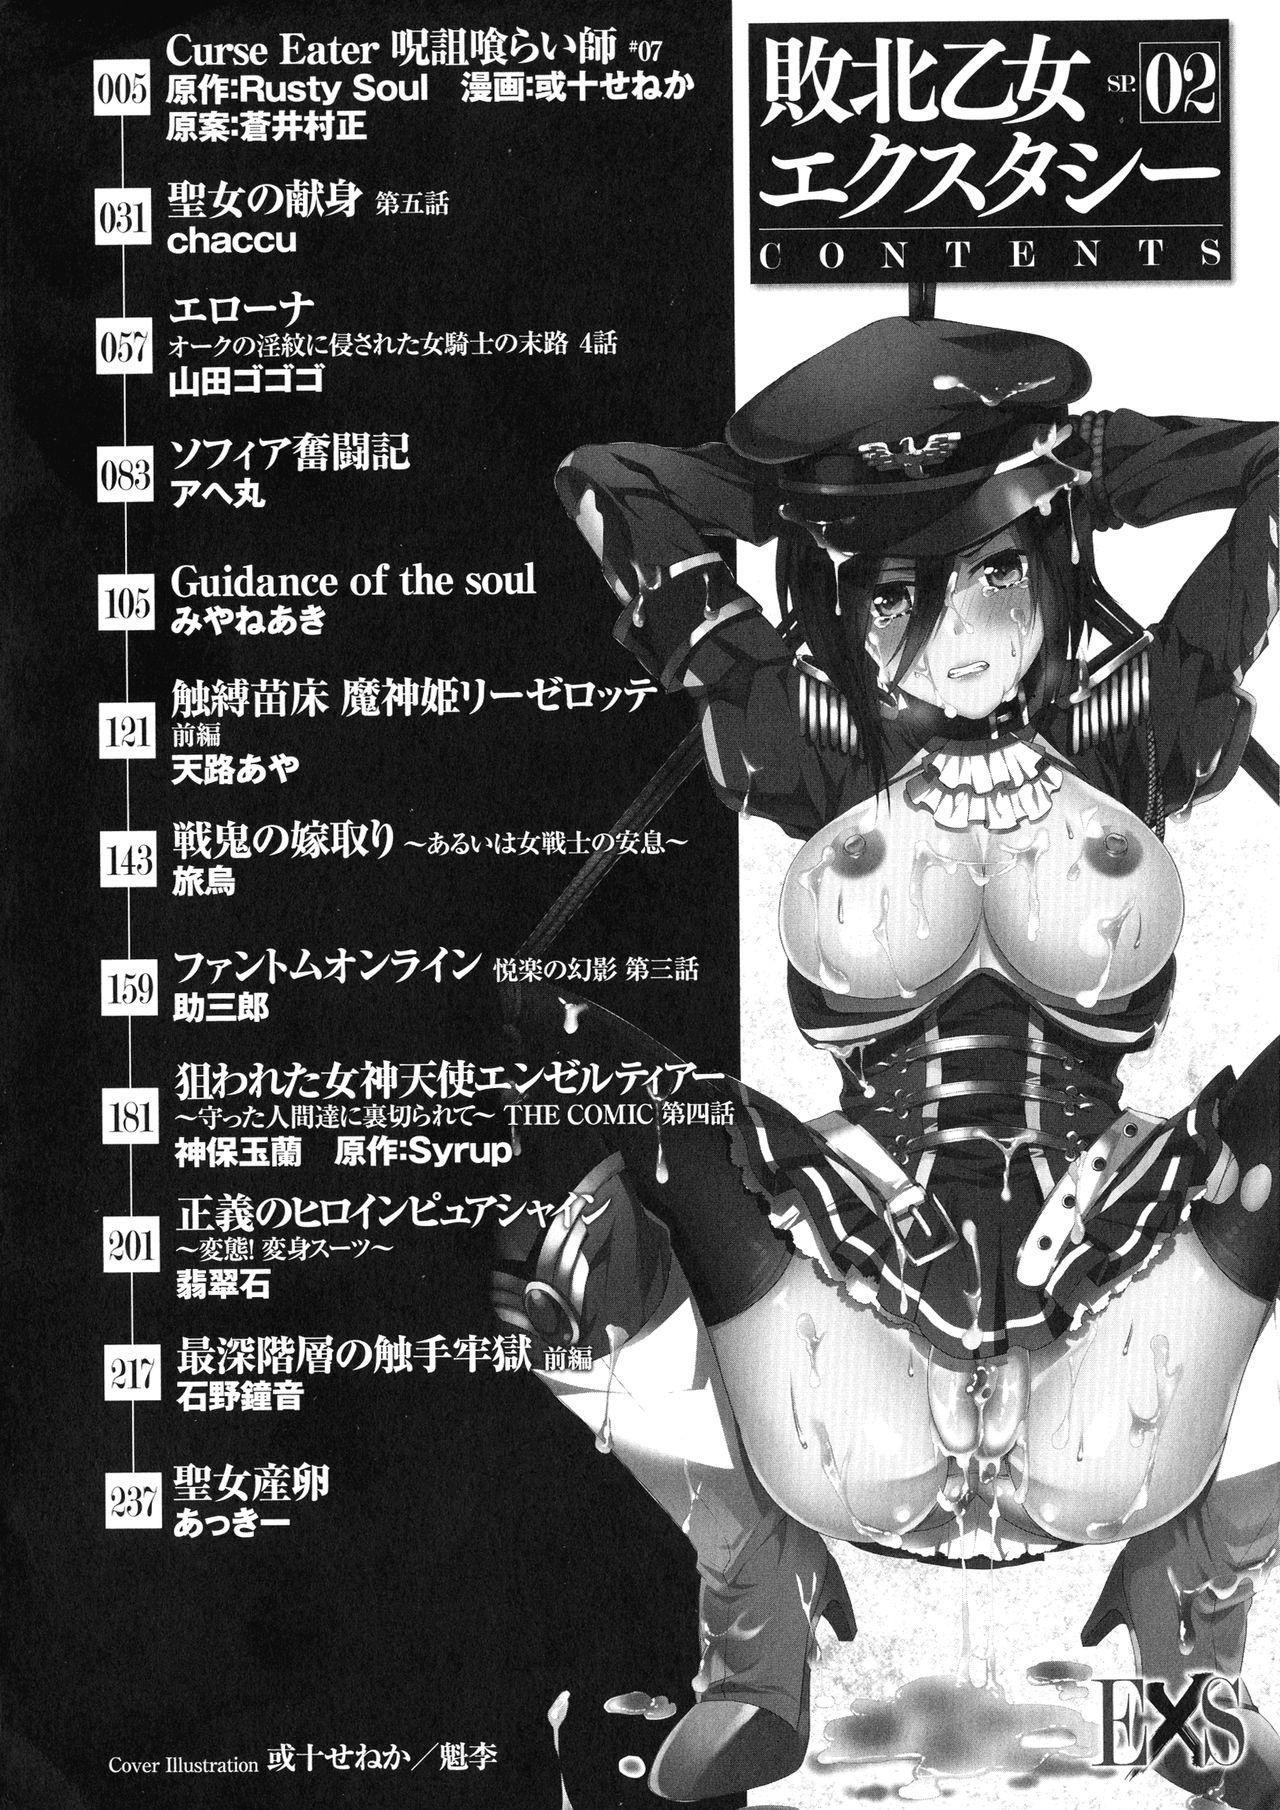 Haiboku Otome Ecstasy SP2 4